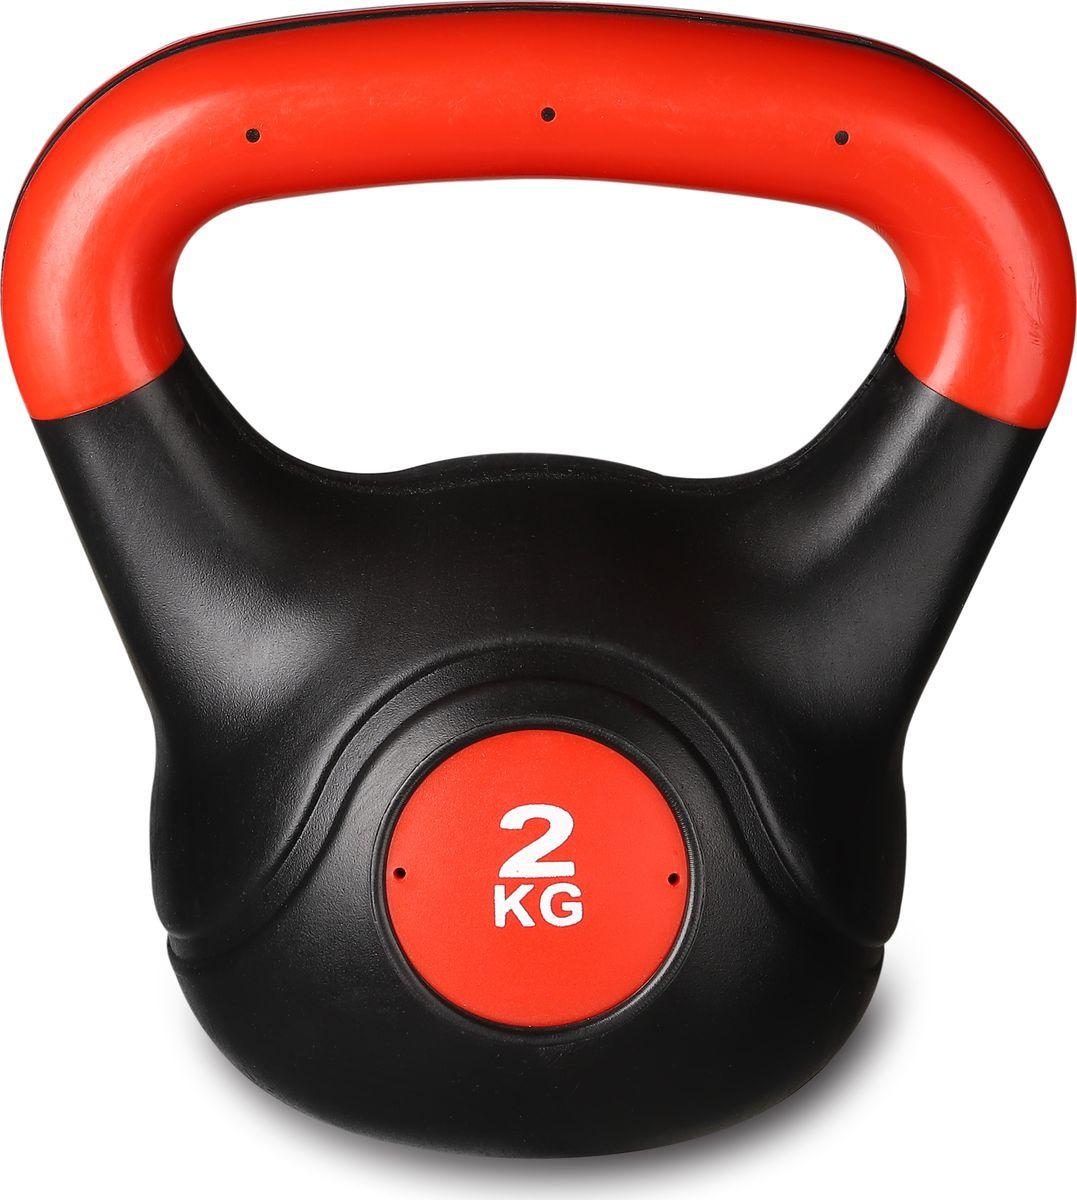 Гиря Indigo IN041, 00027647, черный, красный, 2 кг гиря цельная атлант 32 кг хром сталь